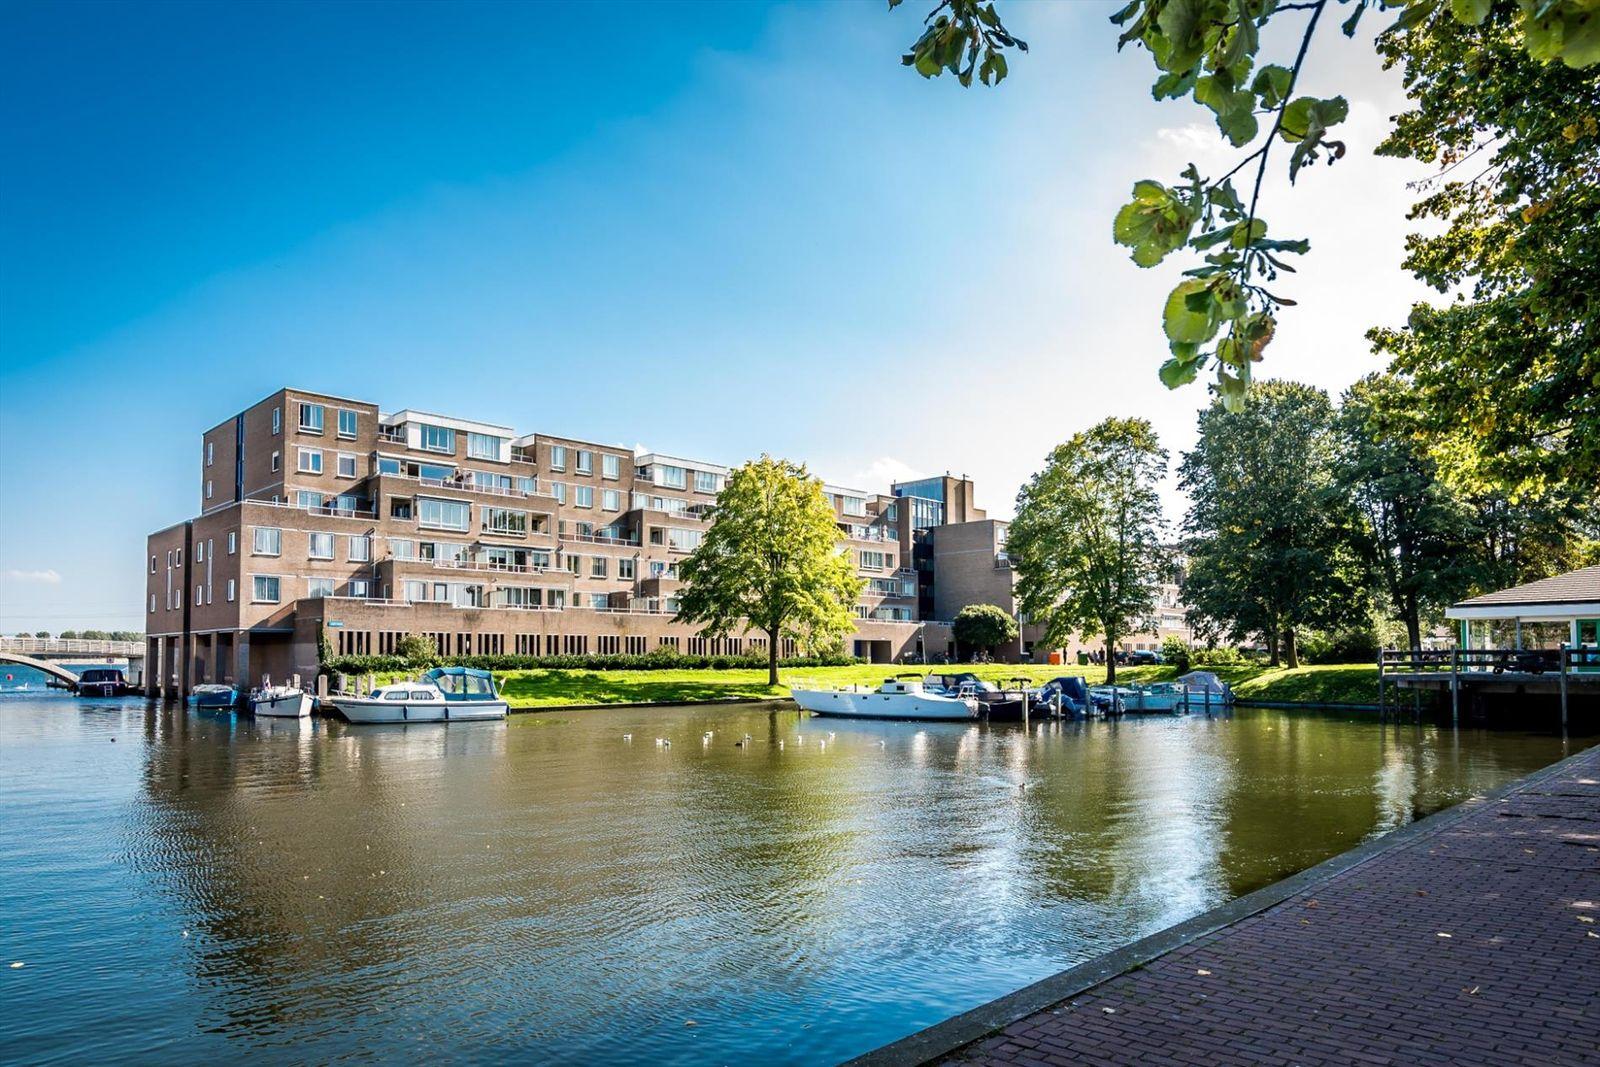 Elburgkade 44, Almere